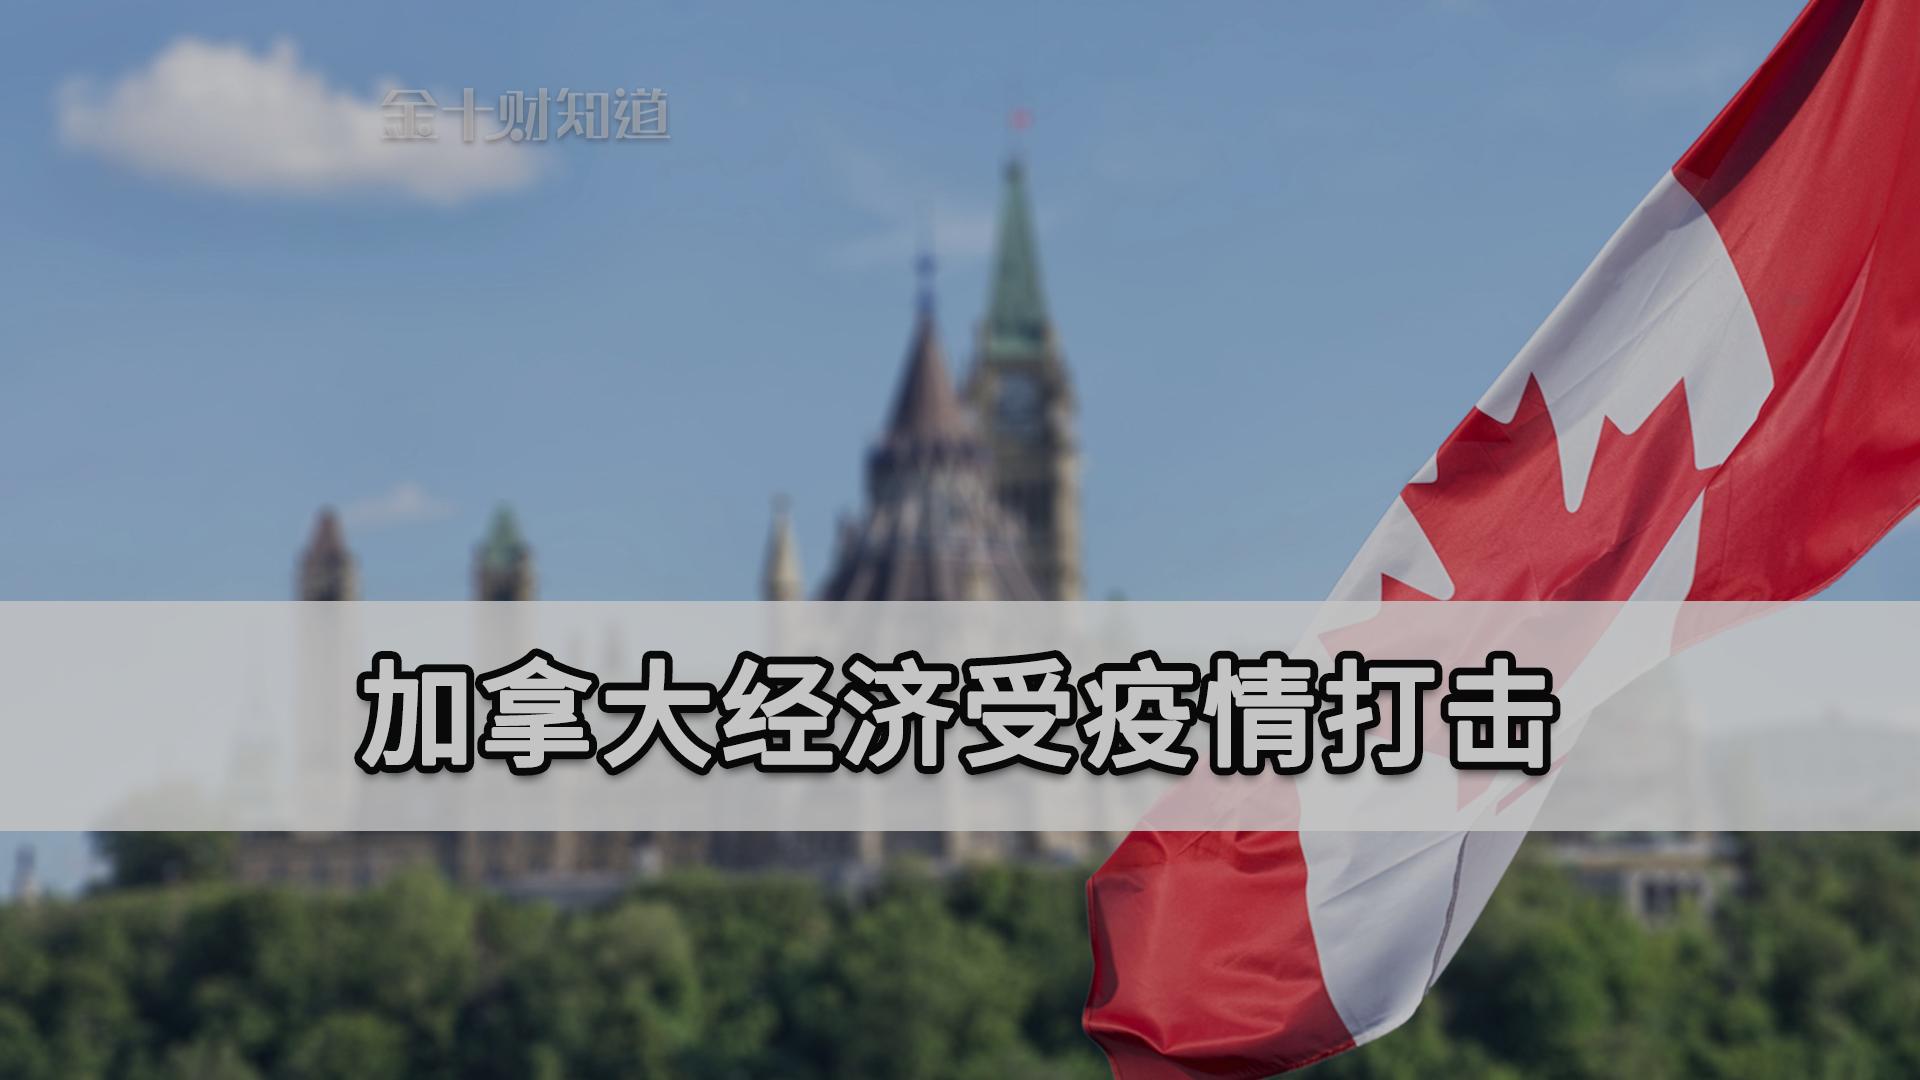 俄罗斯近2万吨油菜籽来华!加拿大经济受疫情打击,如今想到中国